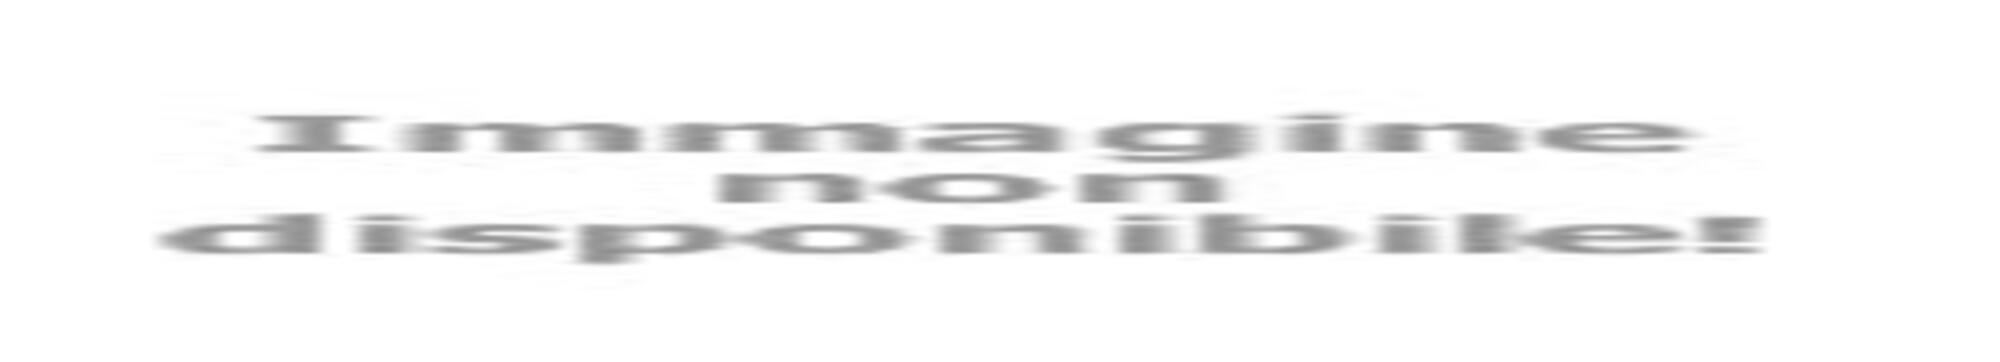 Offerta vacanze di Luglio 2017 in camping village in Toscana